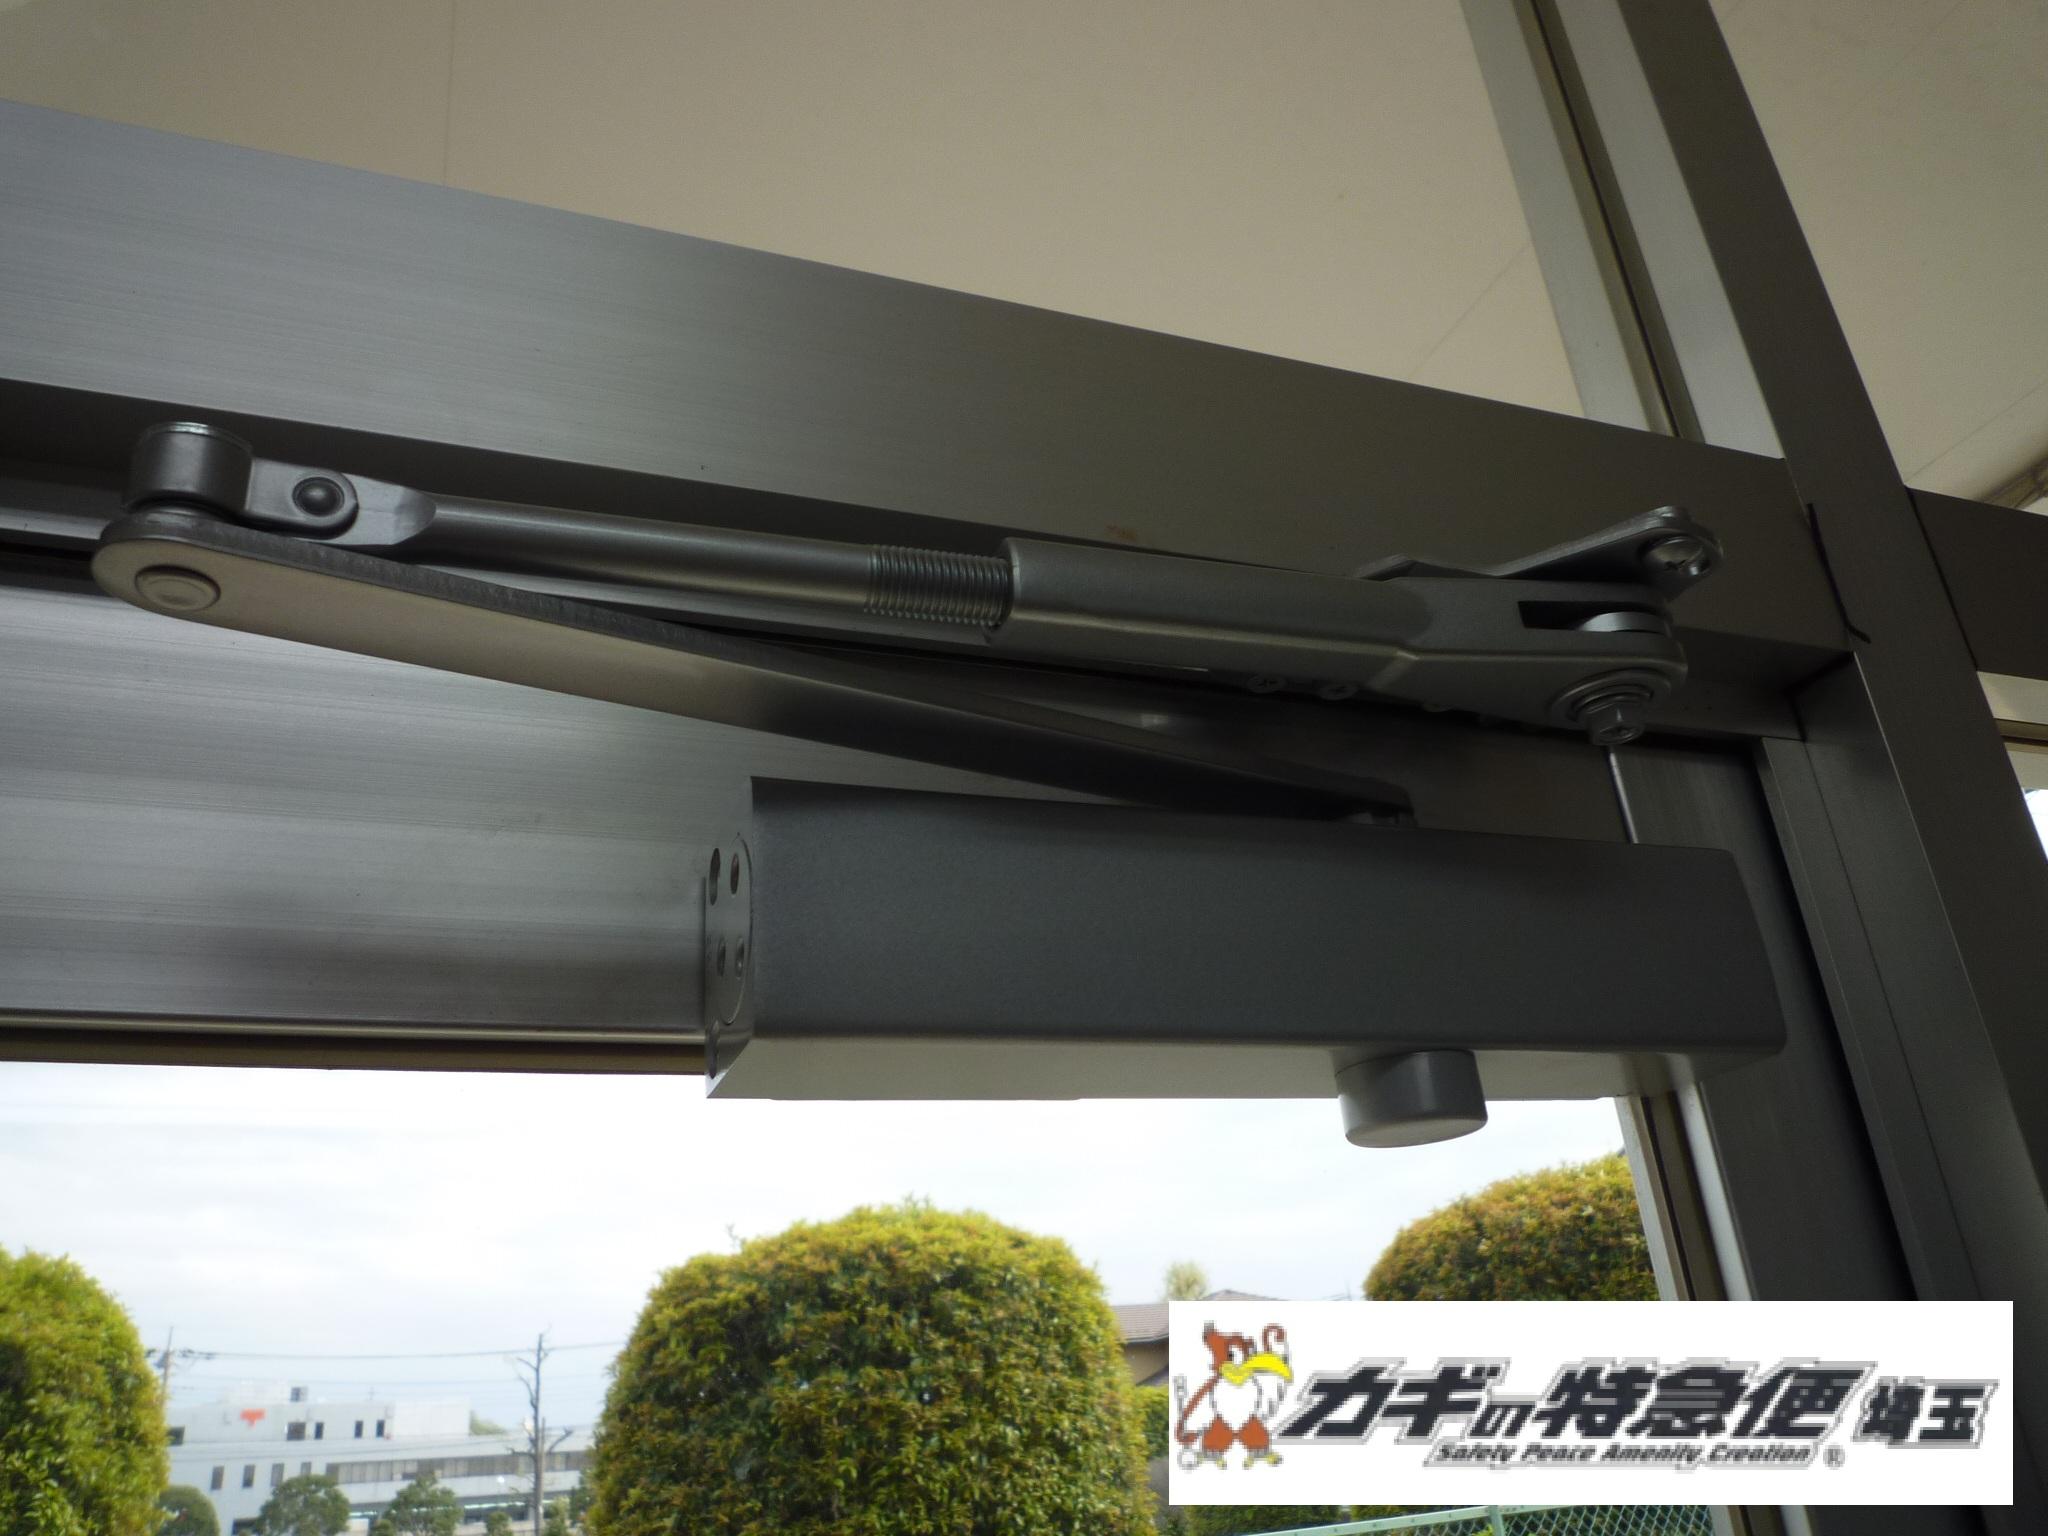 ドアクローザーの交換修理(バタンと扉がしまったら要注意!埼玉県上尾市でドアクローザー交換(RYOBI リョービ))